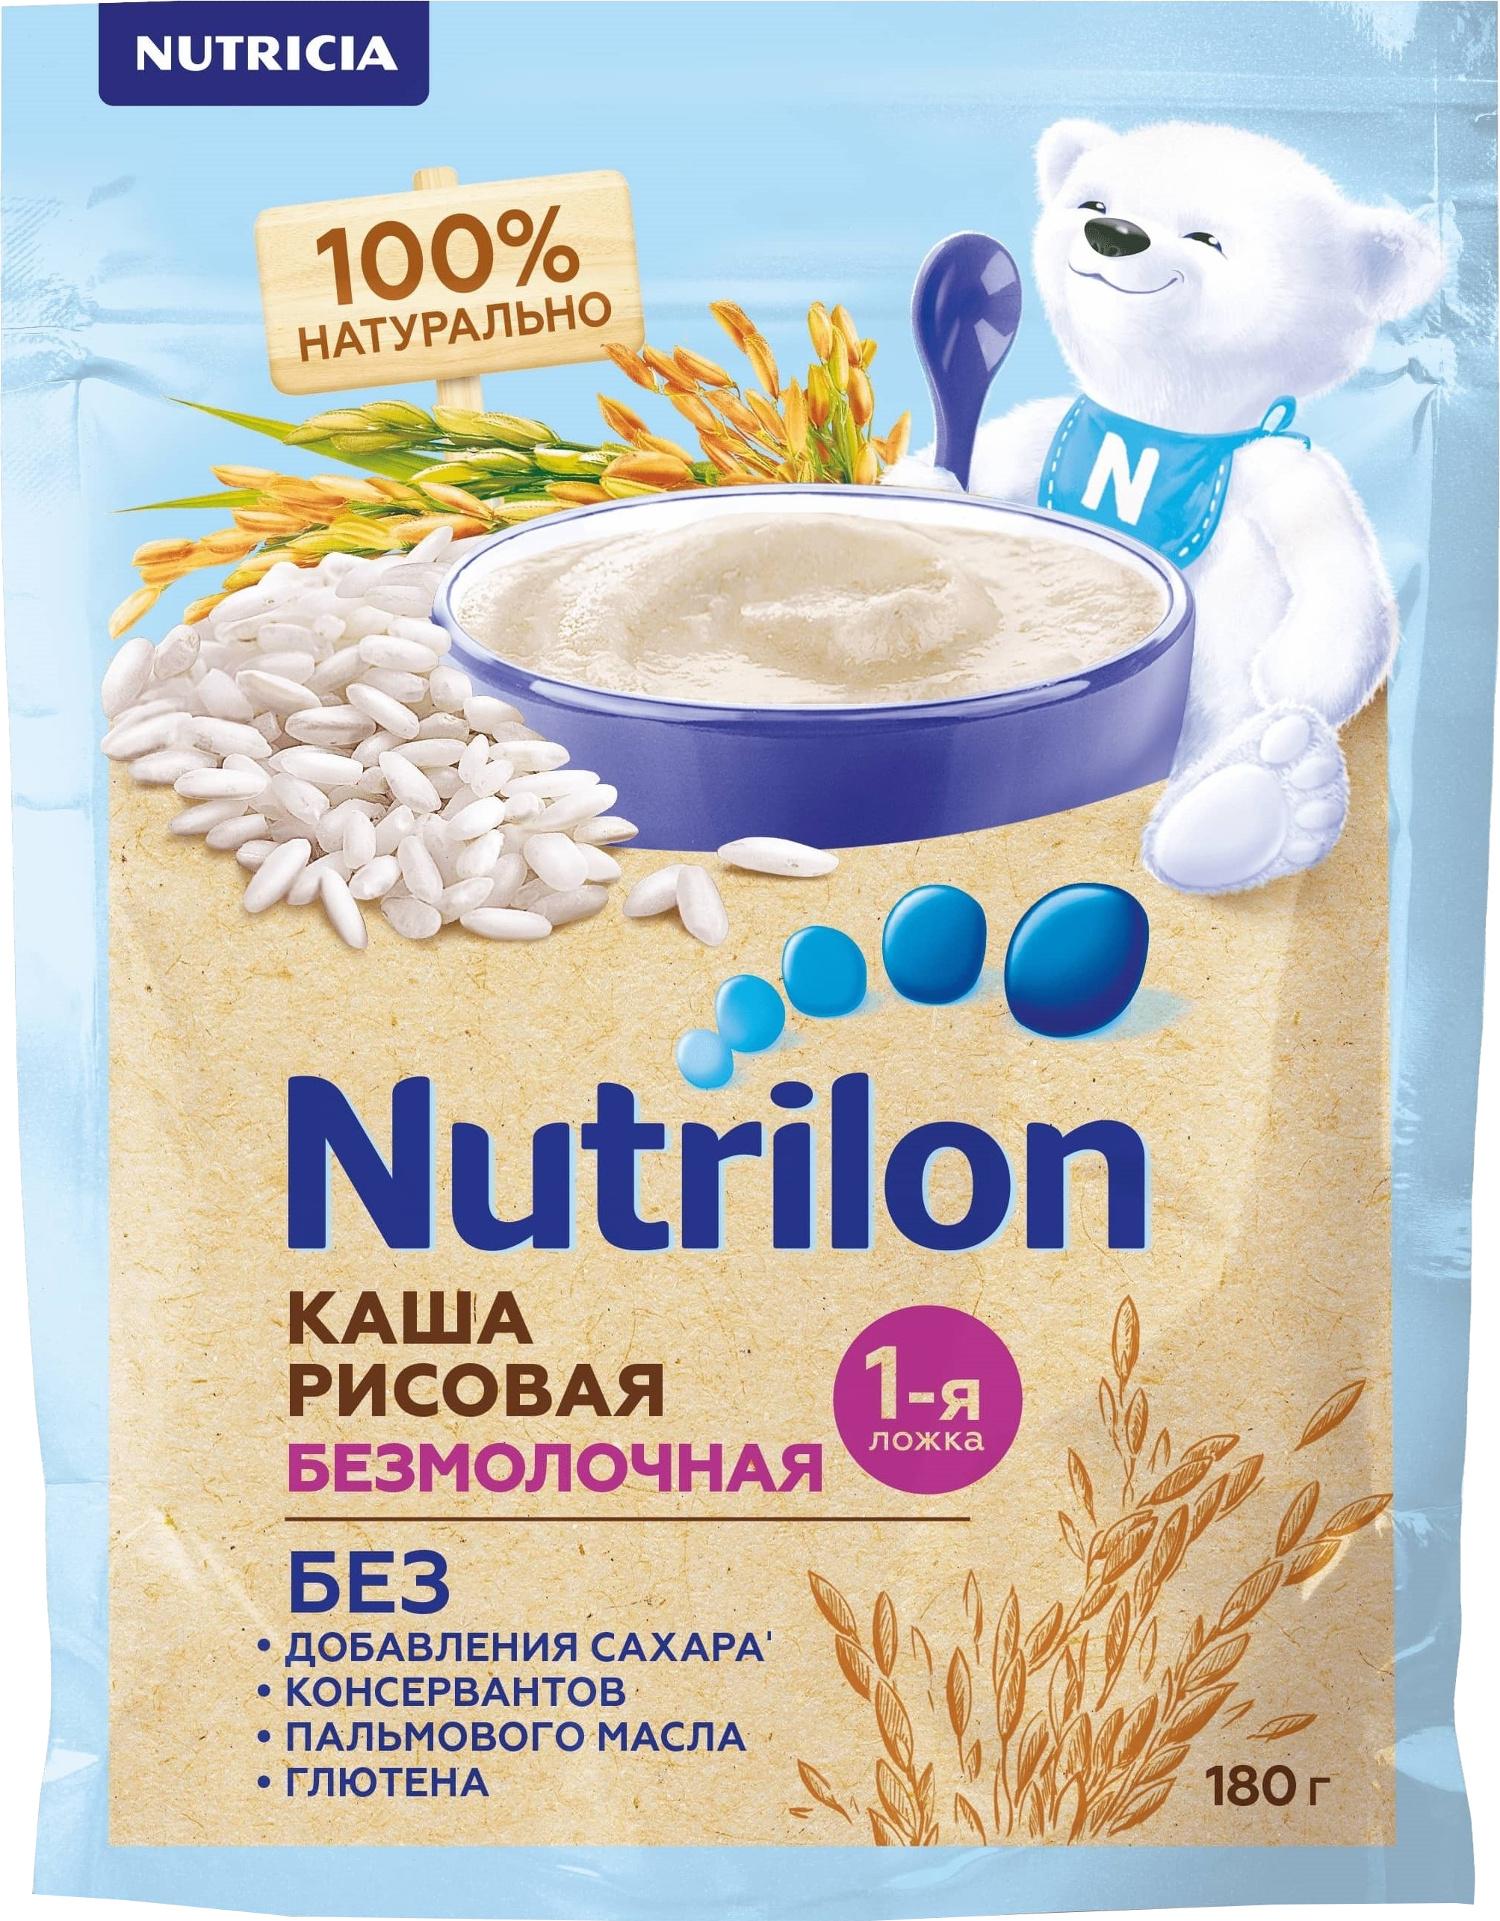 Каша Nutrilon безмолочная рисовая с 4 мес. 180 г каши малютка каша безмолочная малютка рисовая с 4 мес 200 г